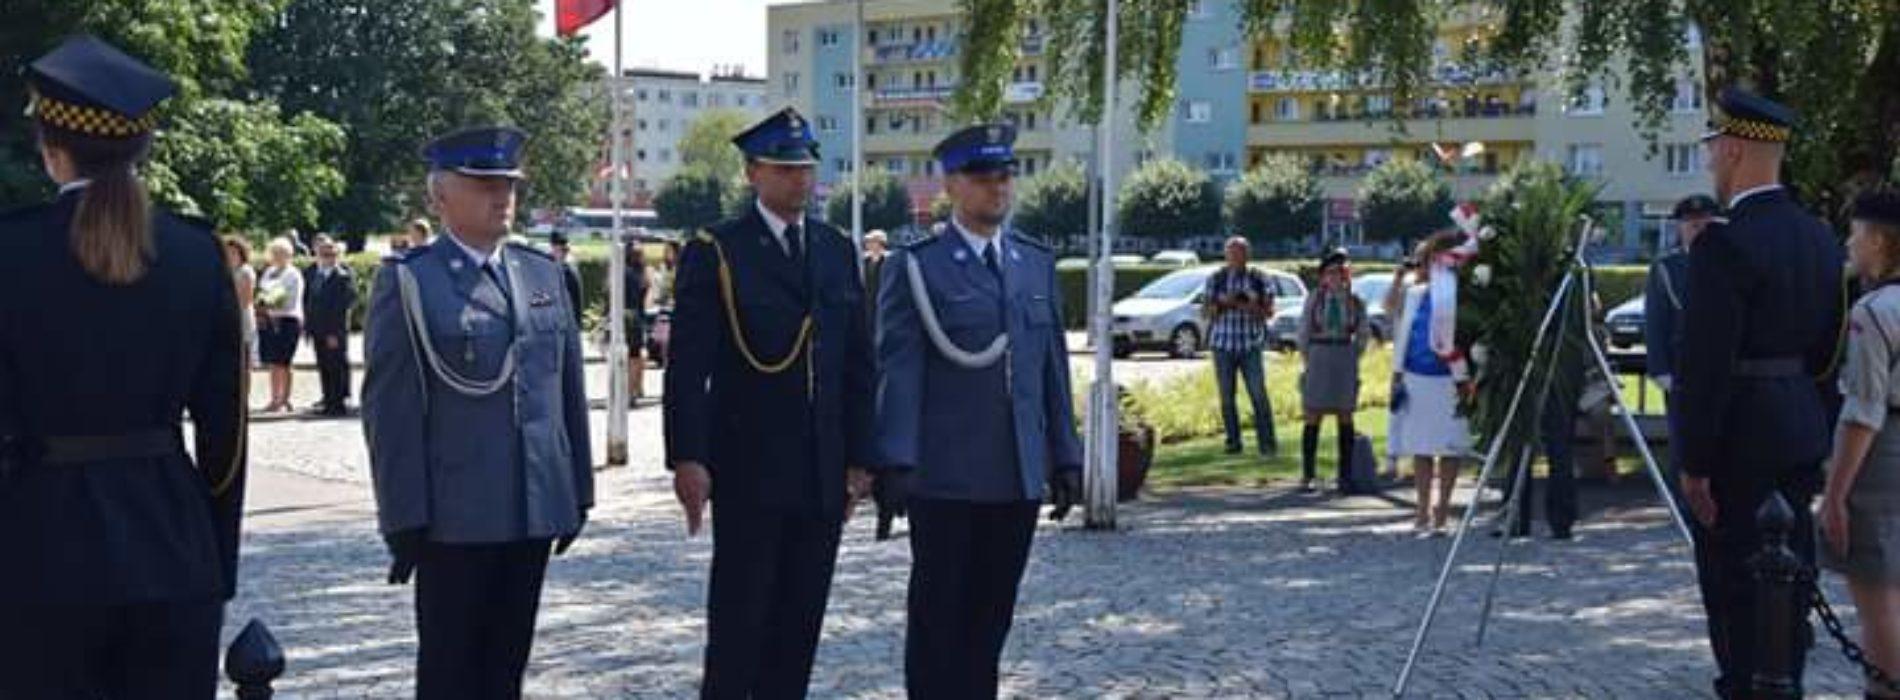 POLICJANCI NA OBCHODACH ŚWIĘTA WOJSKA POLSKIEGO